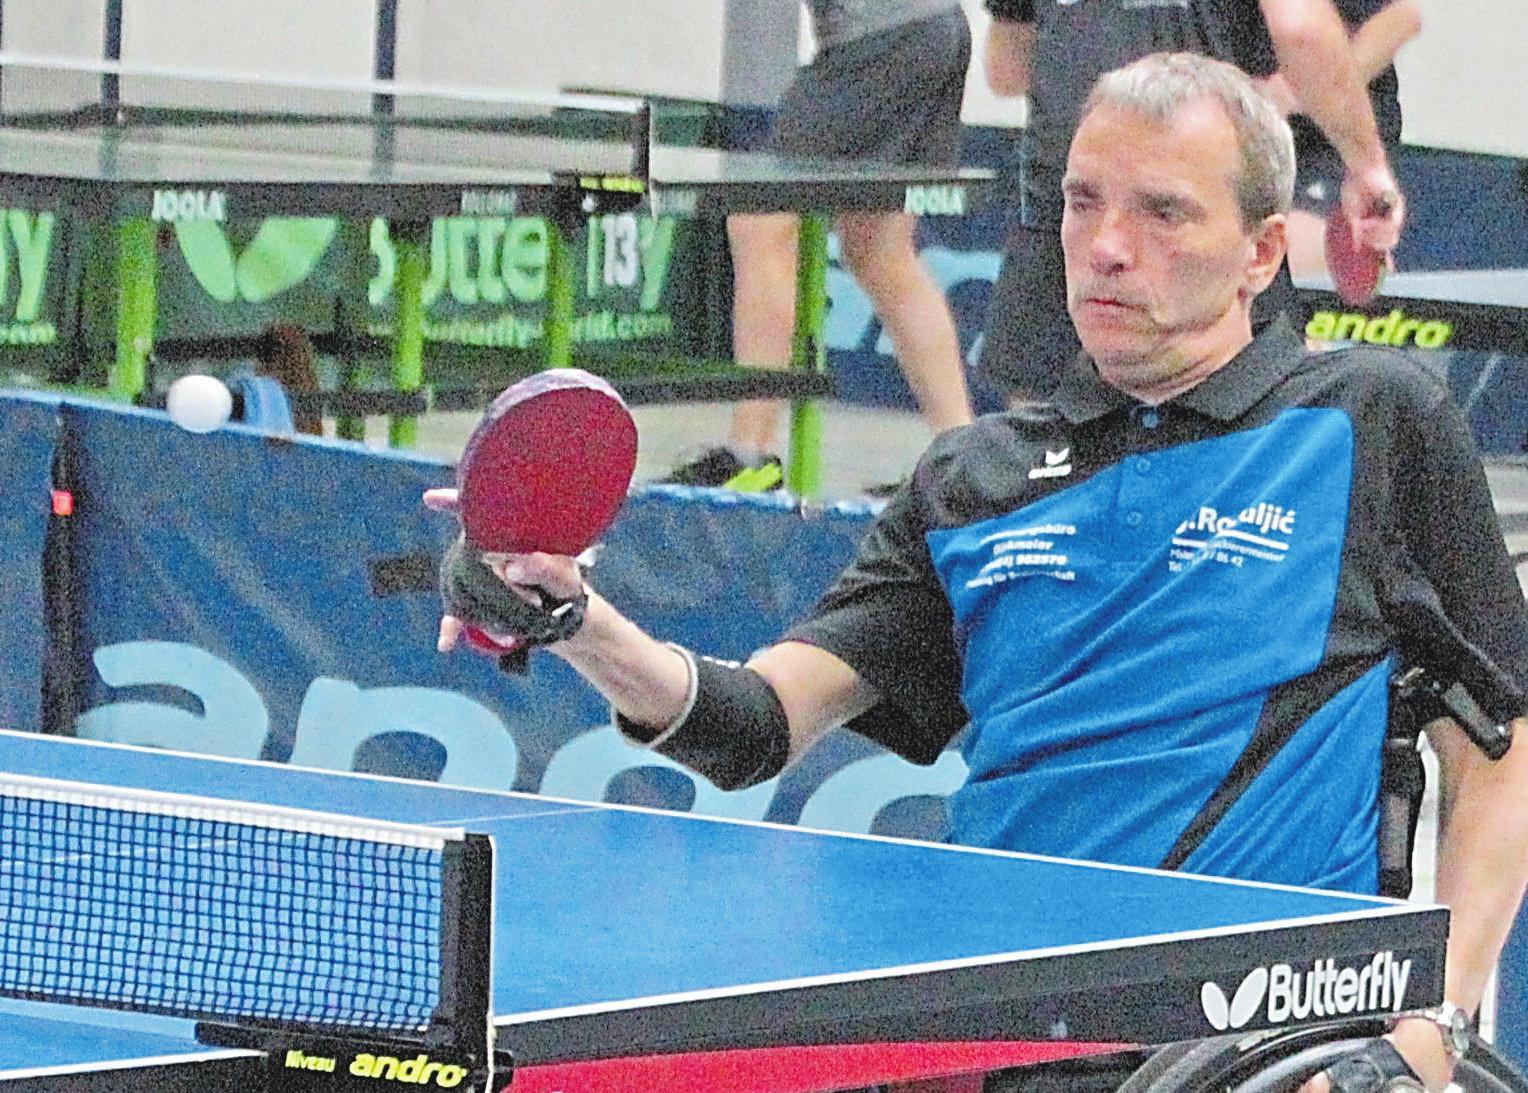 Thorsten Grünkemeyer belegt Rang 2 bei der Sportlerwahl 2019. Auf die Teilnahme am Foto-Termin hat der Tischtennis-Spieler verzichtet. Foto: Uwe Wolter